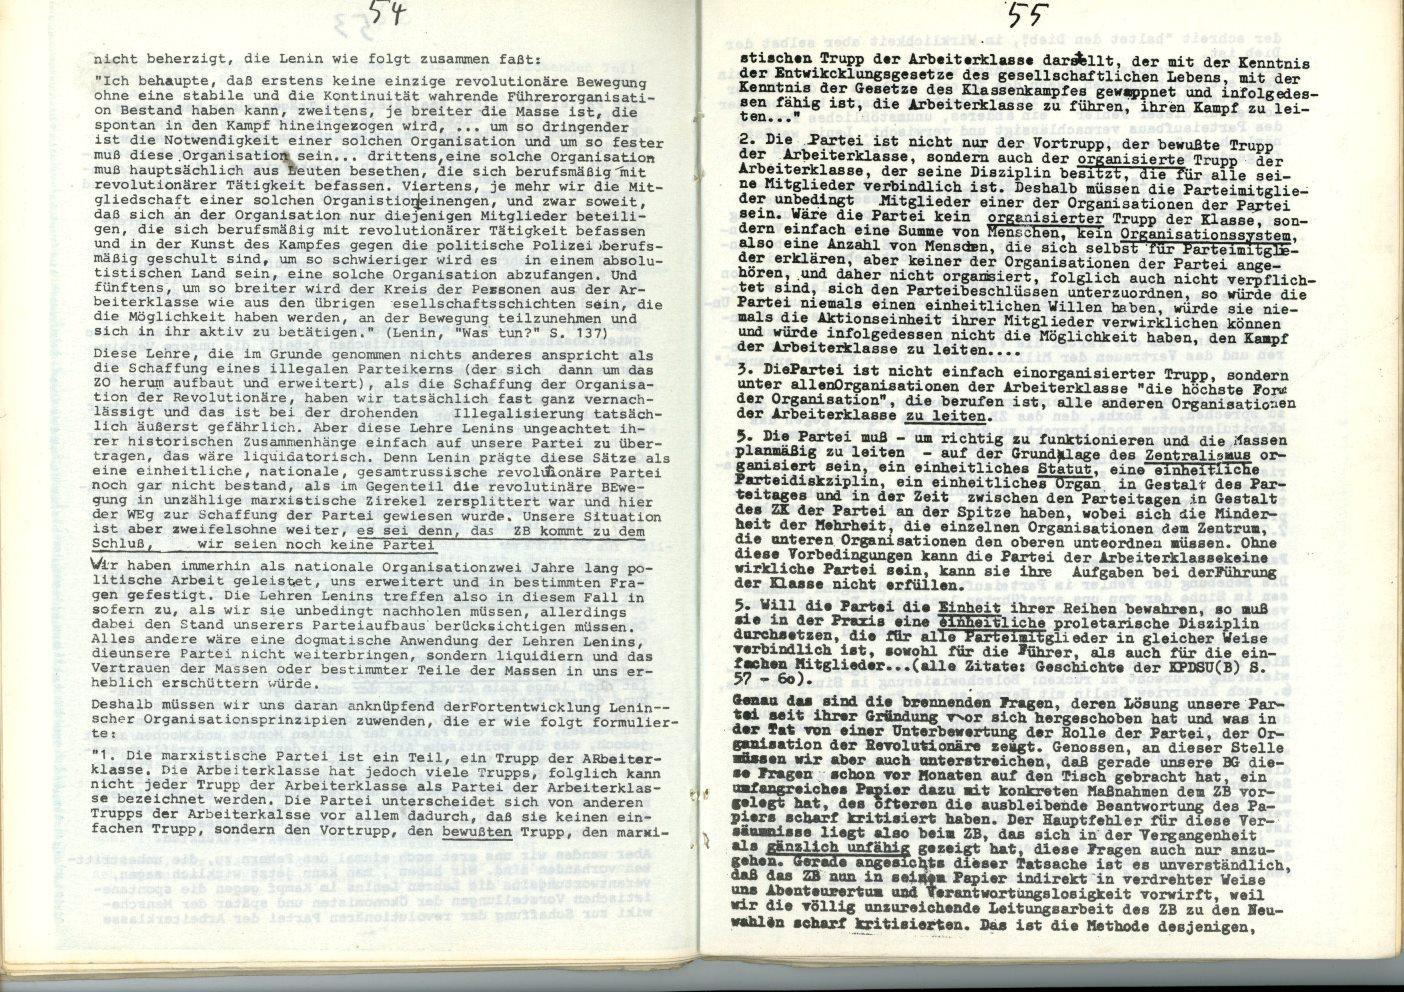 ZB_1972_Diskussionsorgan_zur_ersten_Parteikonferenz_30